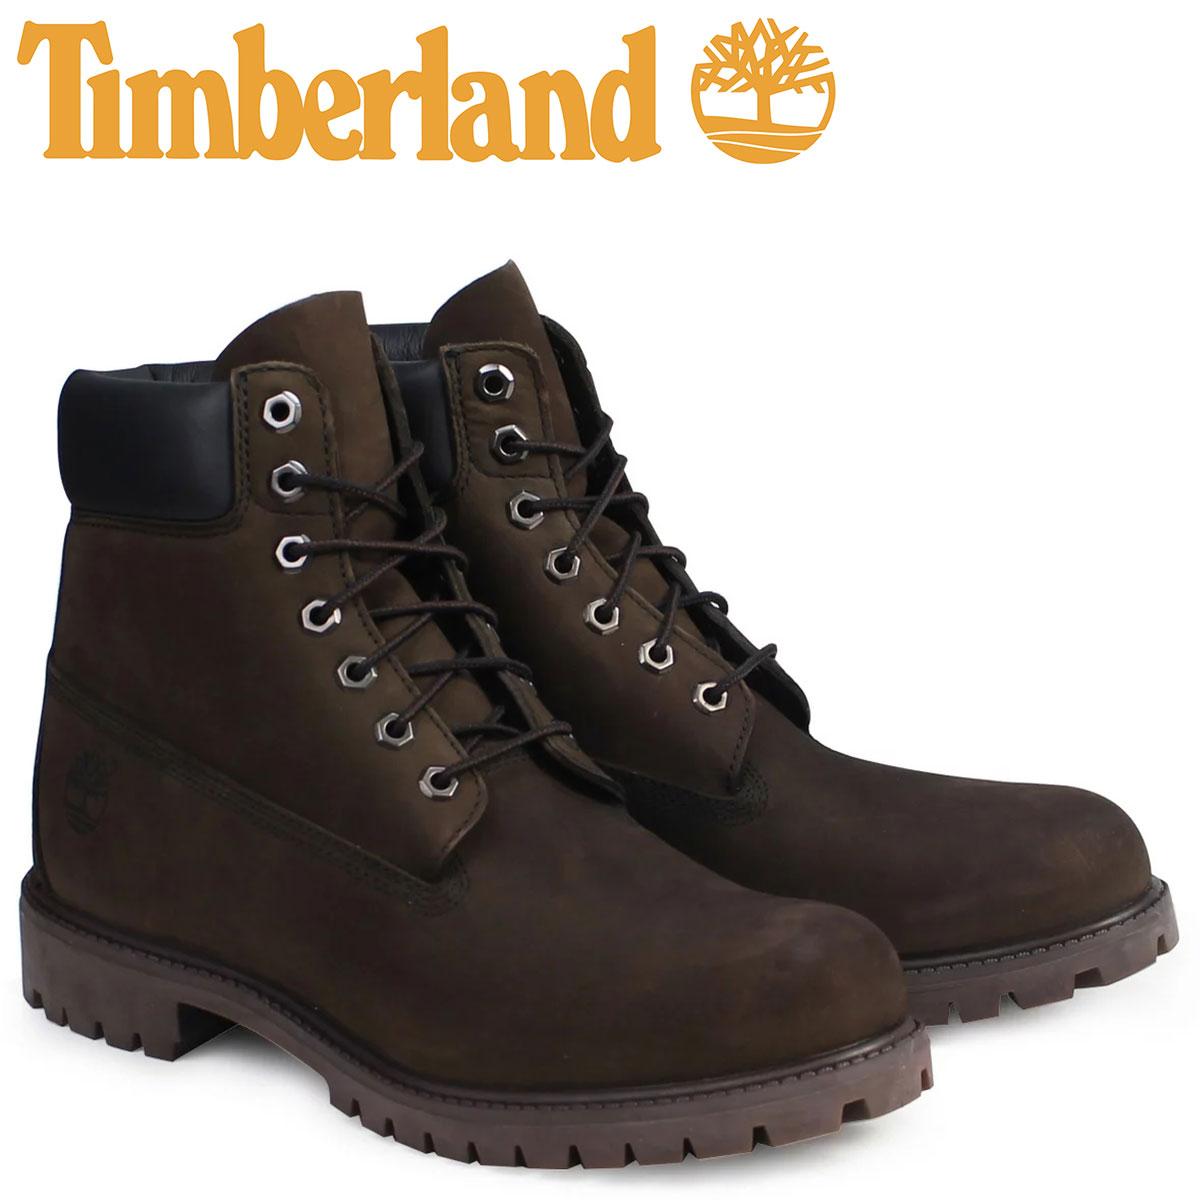 ティンバーランド Timberland ブーツ メンズ 6インチ 6INCH PREMIUM WATERPROOF BOOTS プレミアム ウォータープルーフ ヌバック 防水 10001 ダークチョコレート